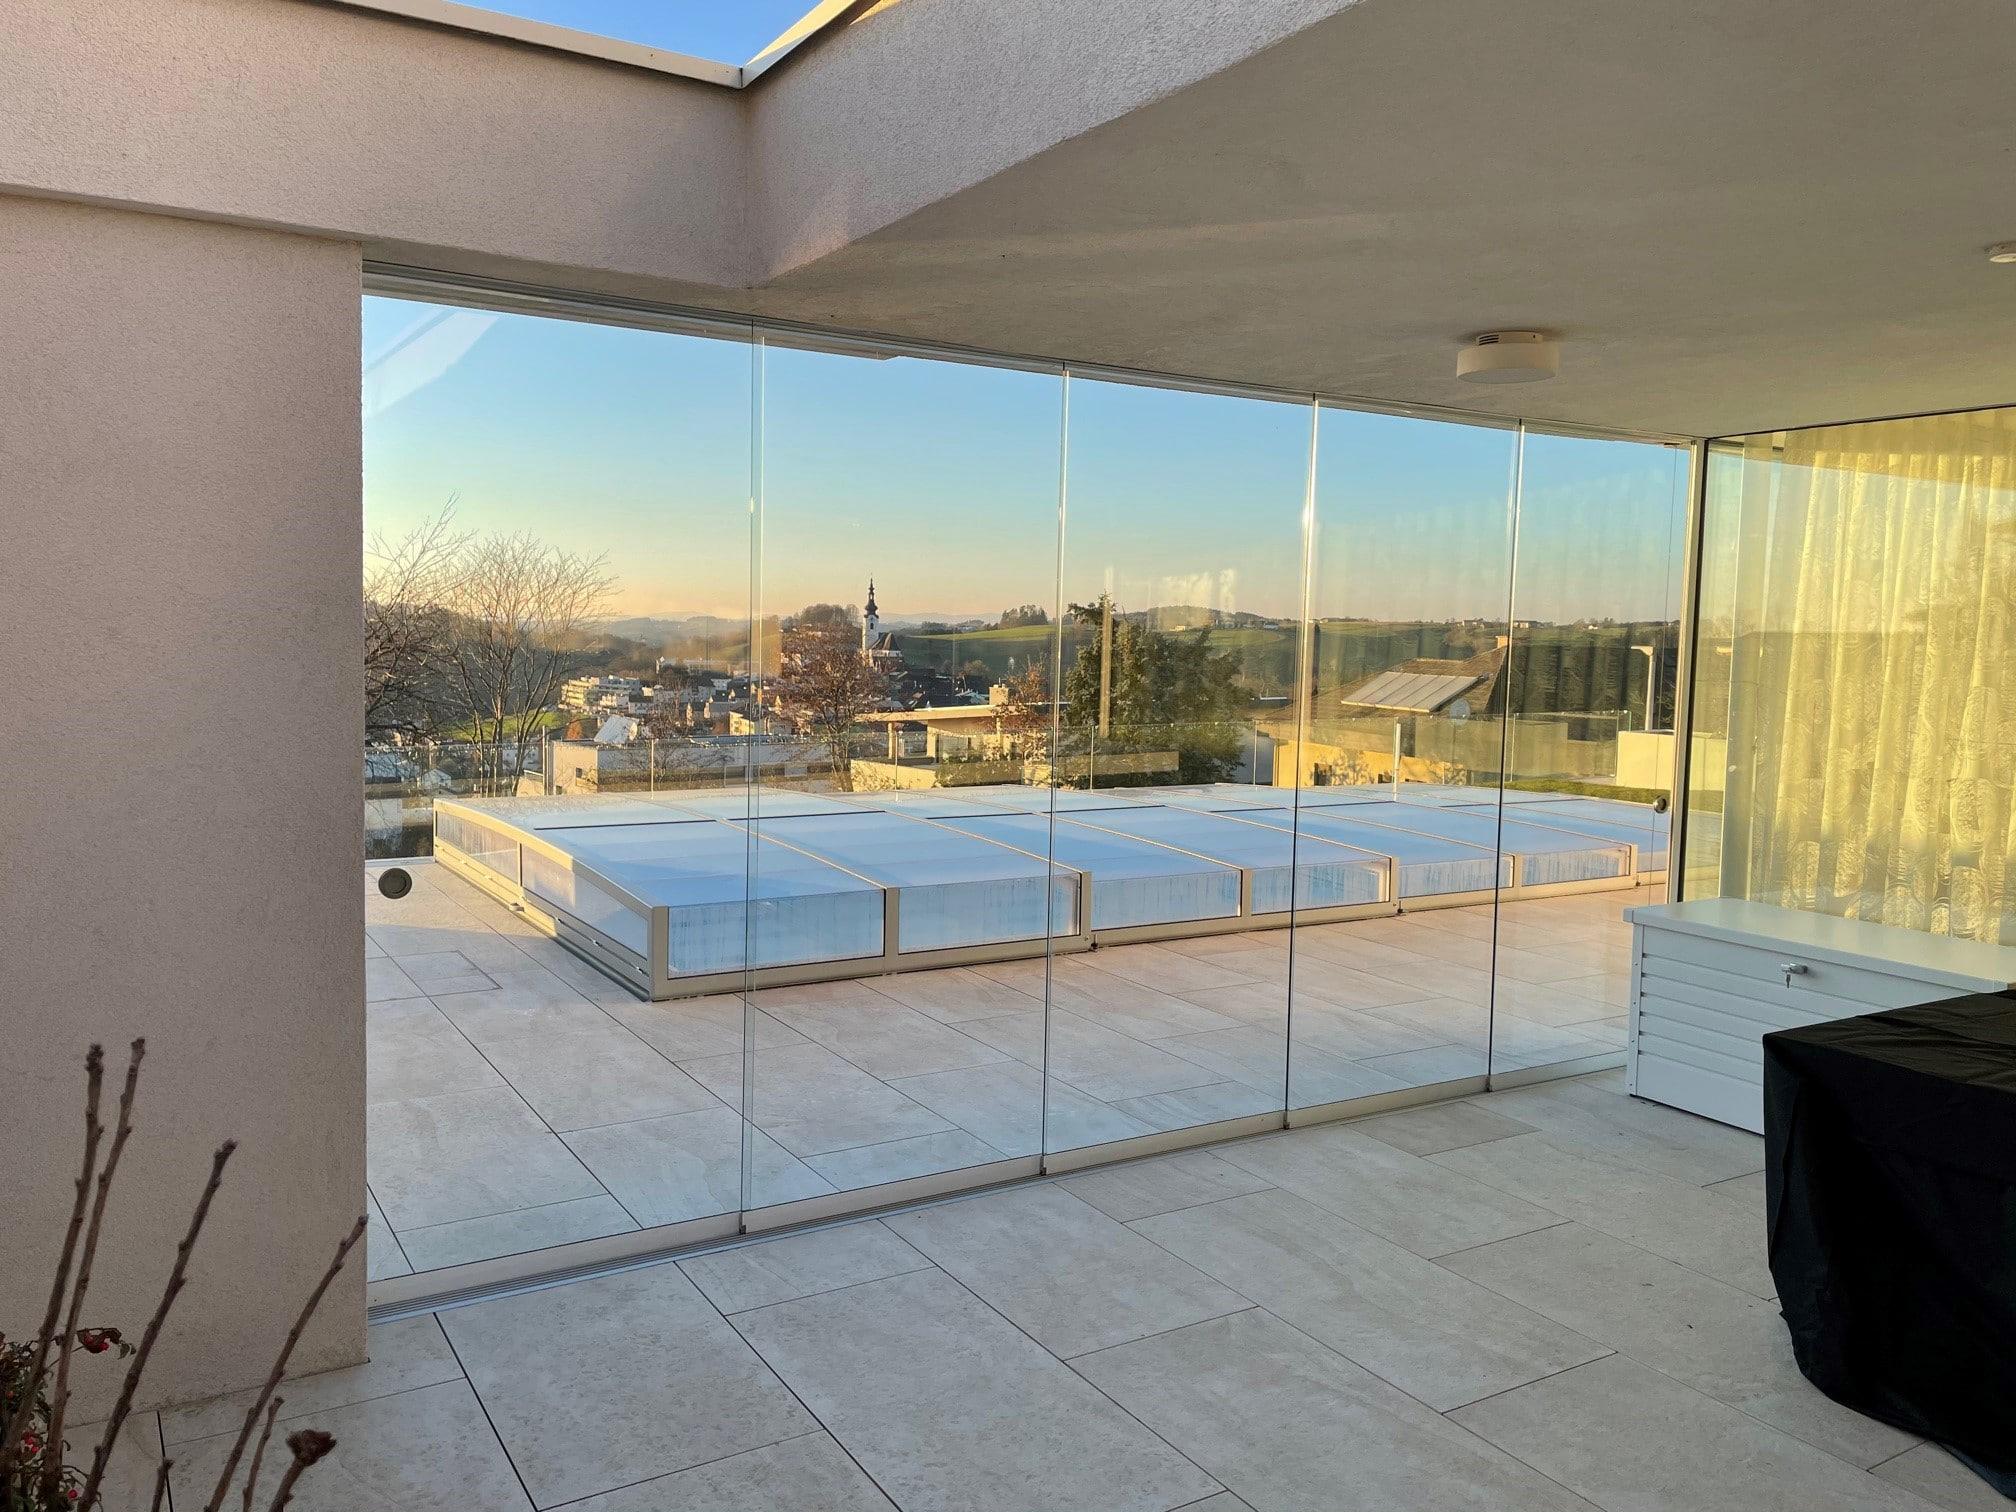 Glasschiebewand Terrasse mit 5 Flügeln